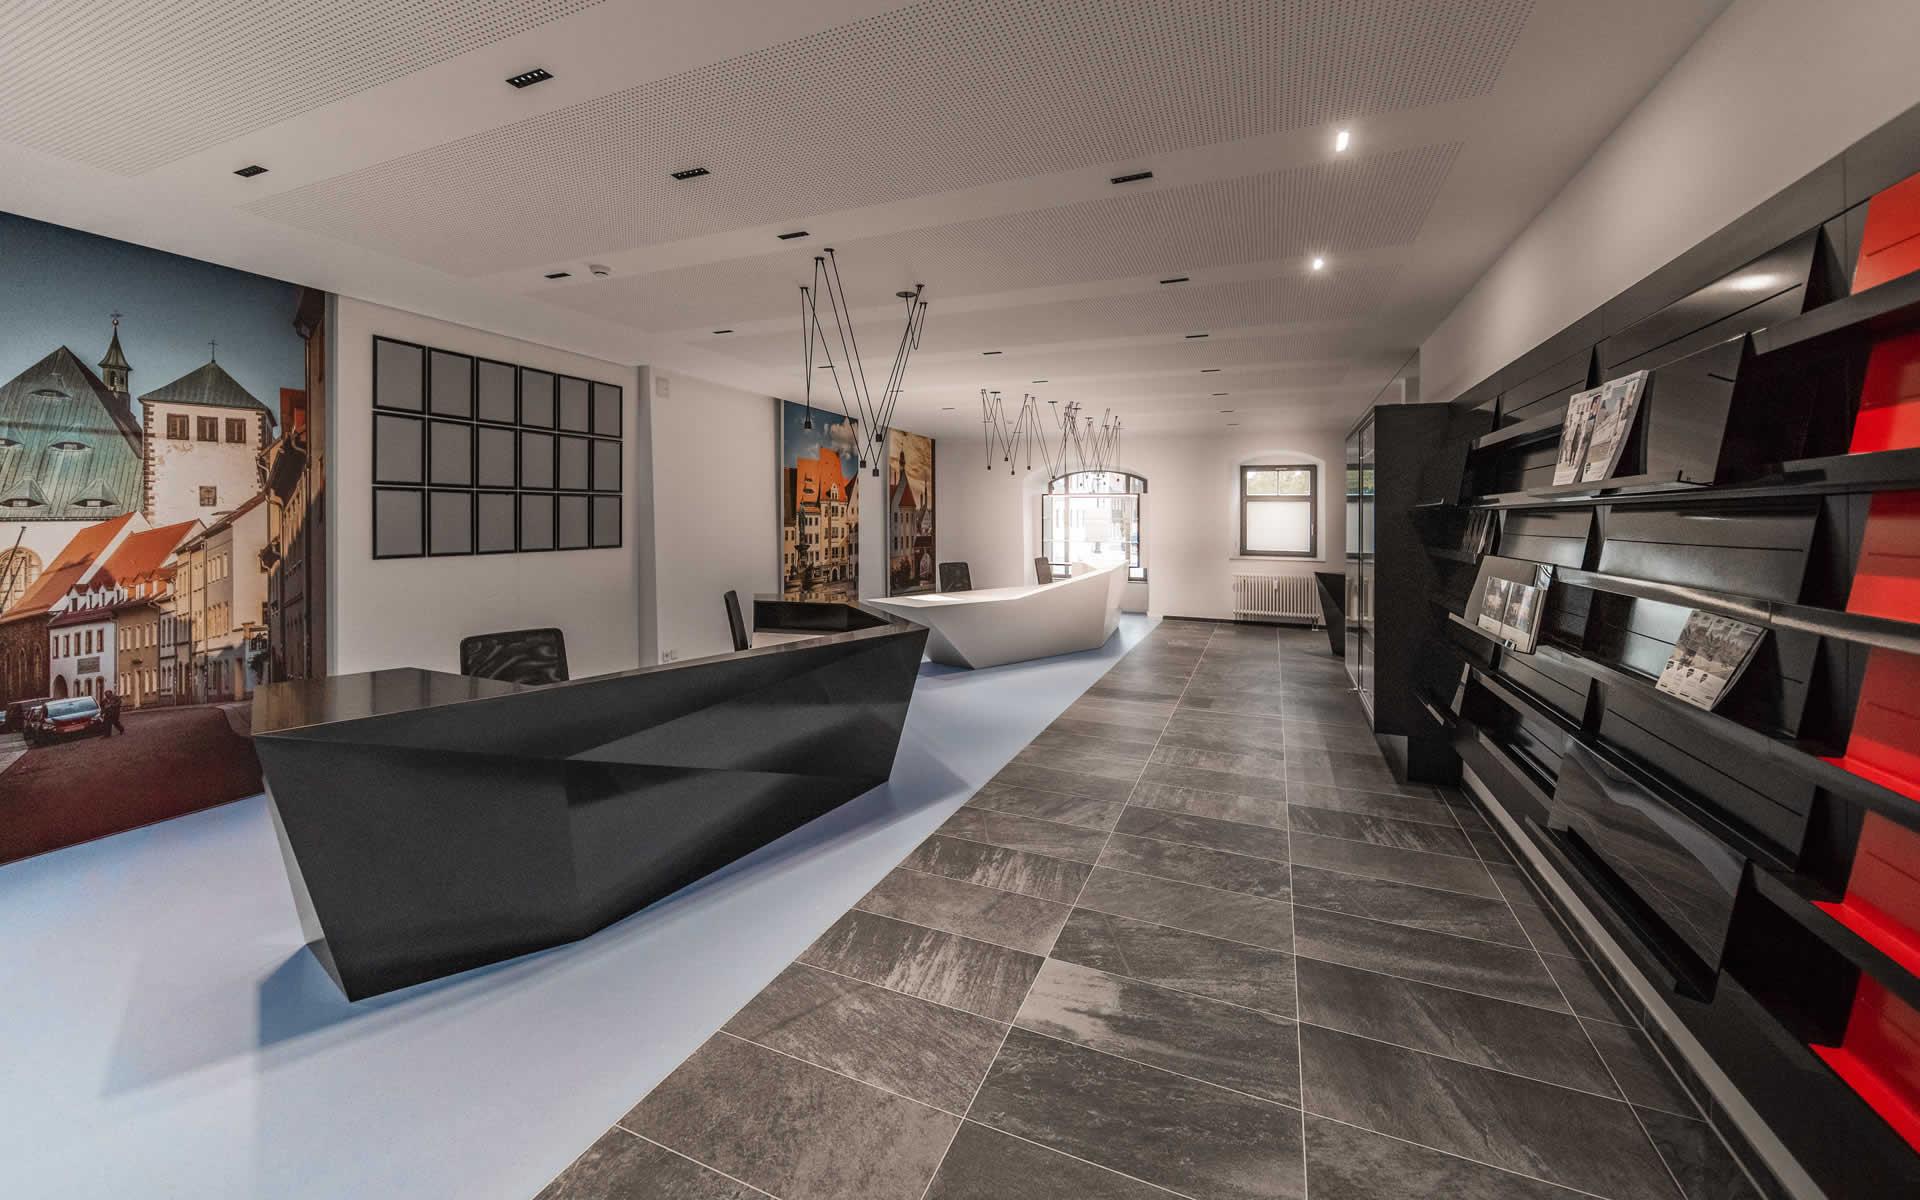 innenarchitektur sachsen barbara mario graupner atelier n4 fl ha grafik design realisierung. Black Bedroom Furniture Sets. Home Design Ideas